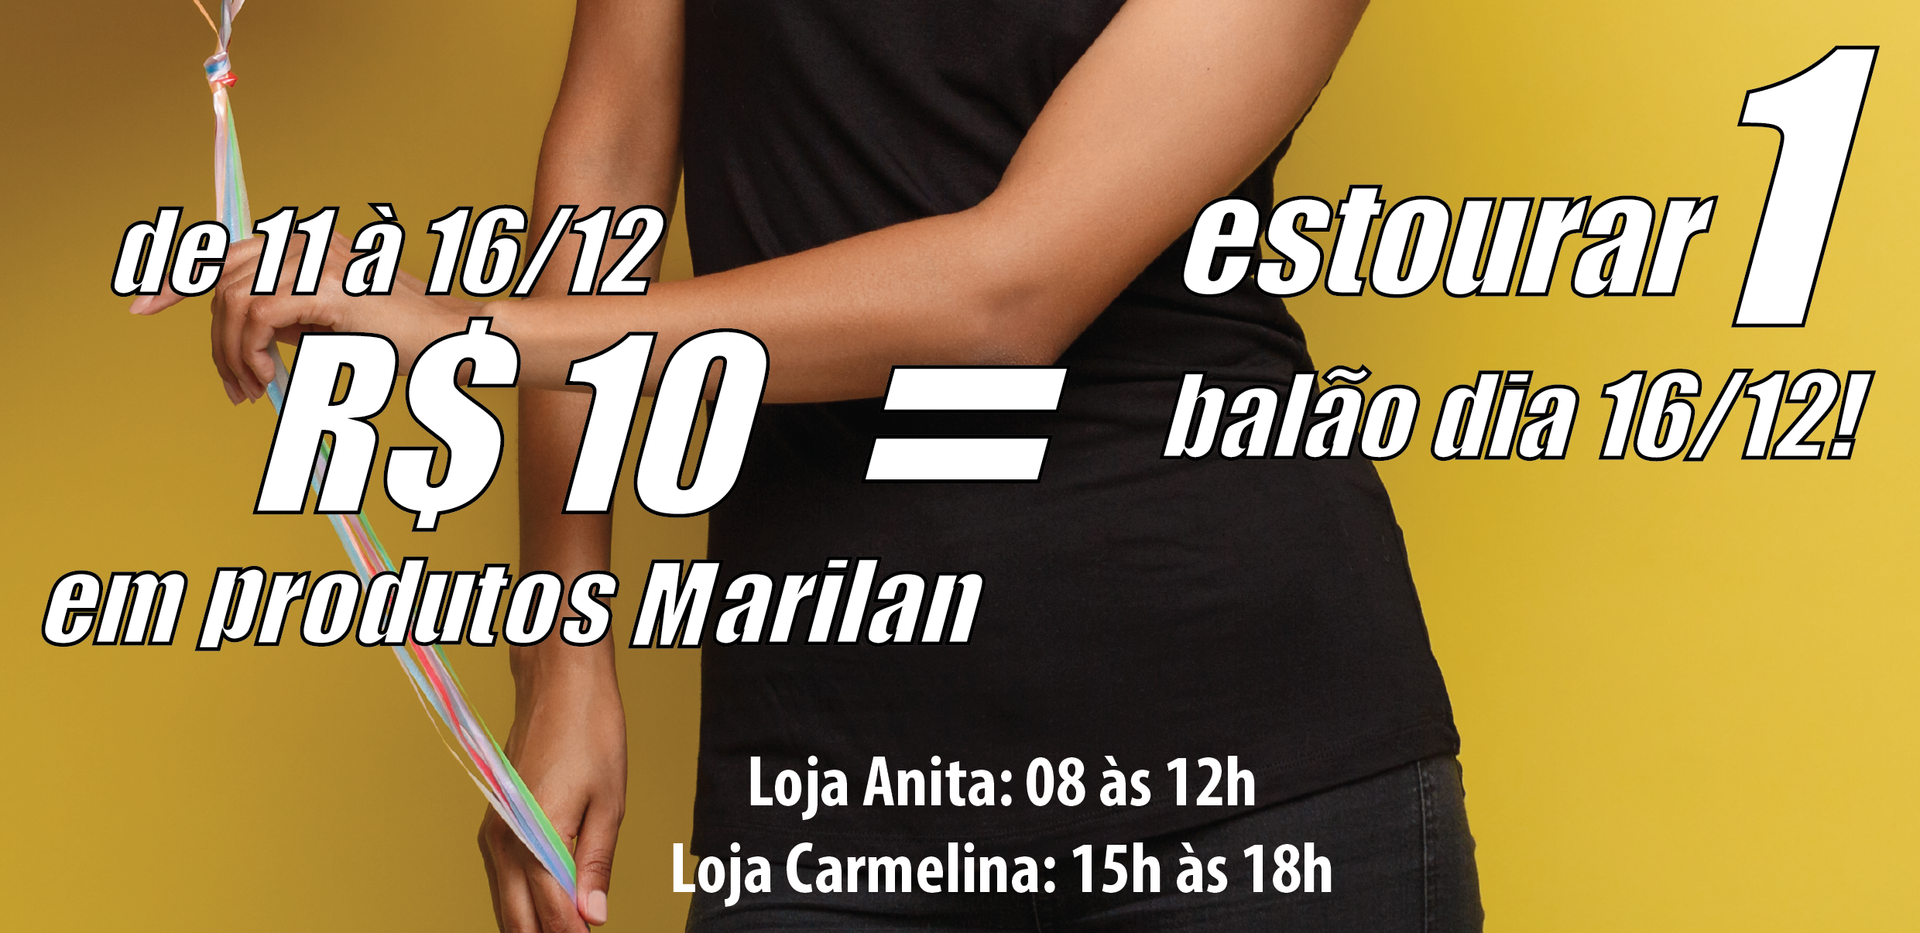 cartaz marilan-01.png